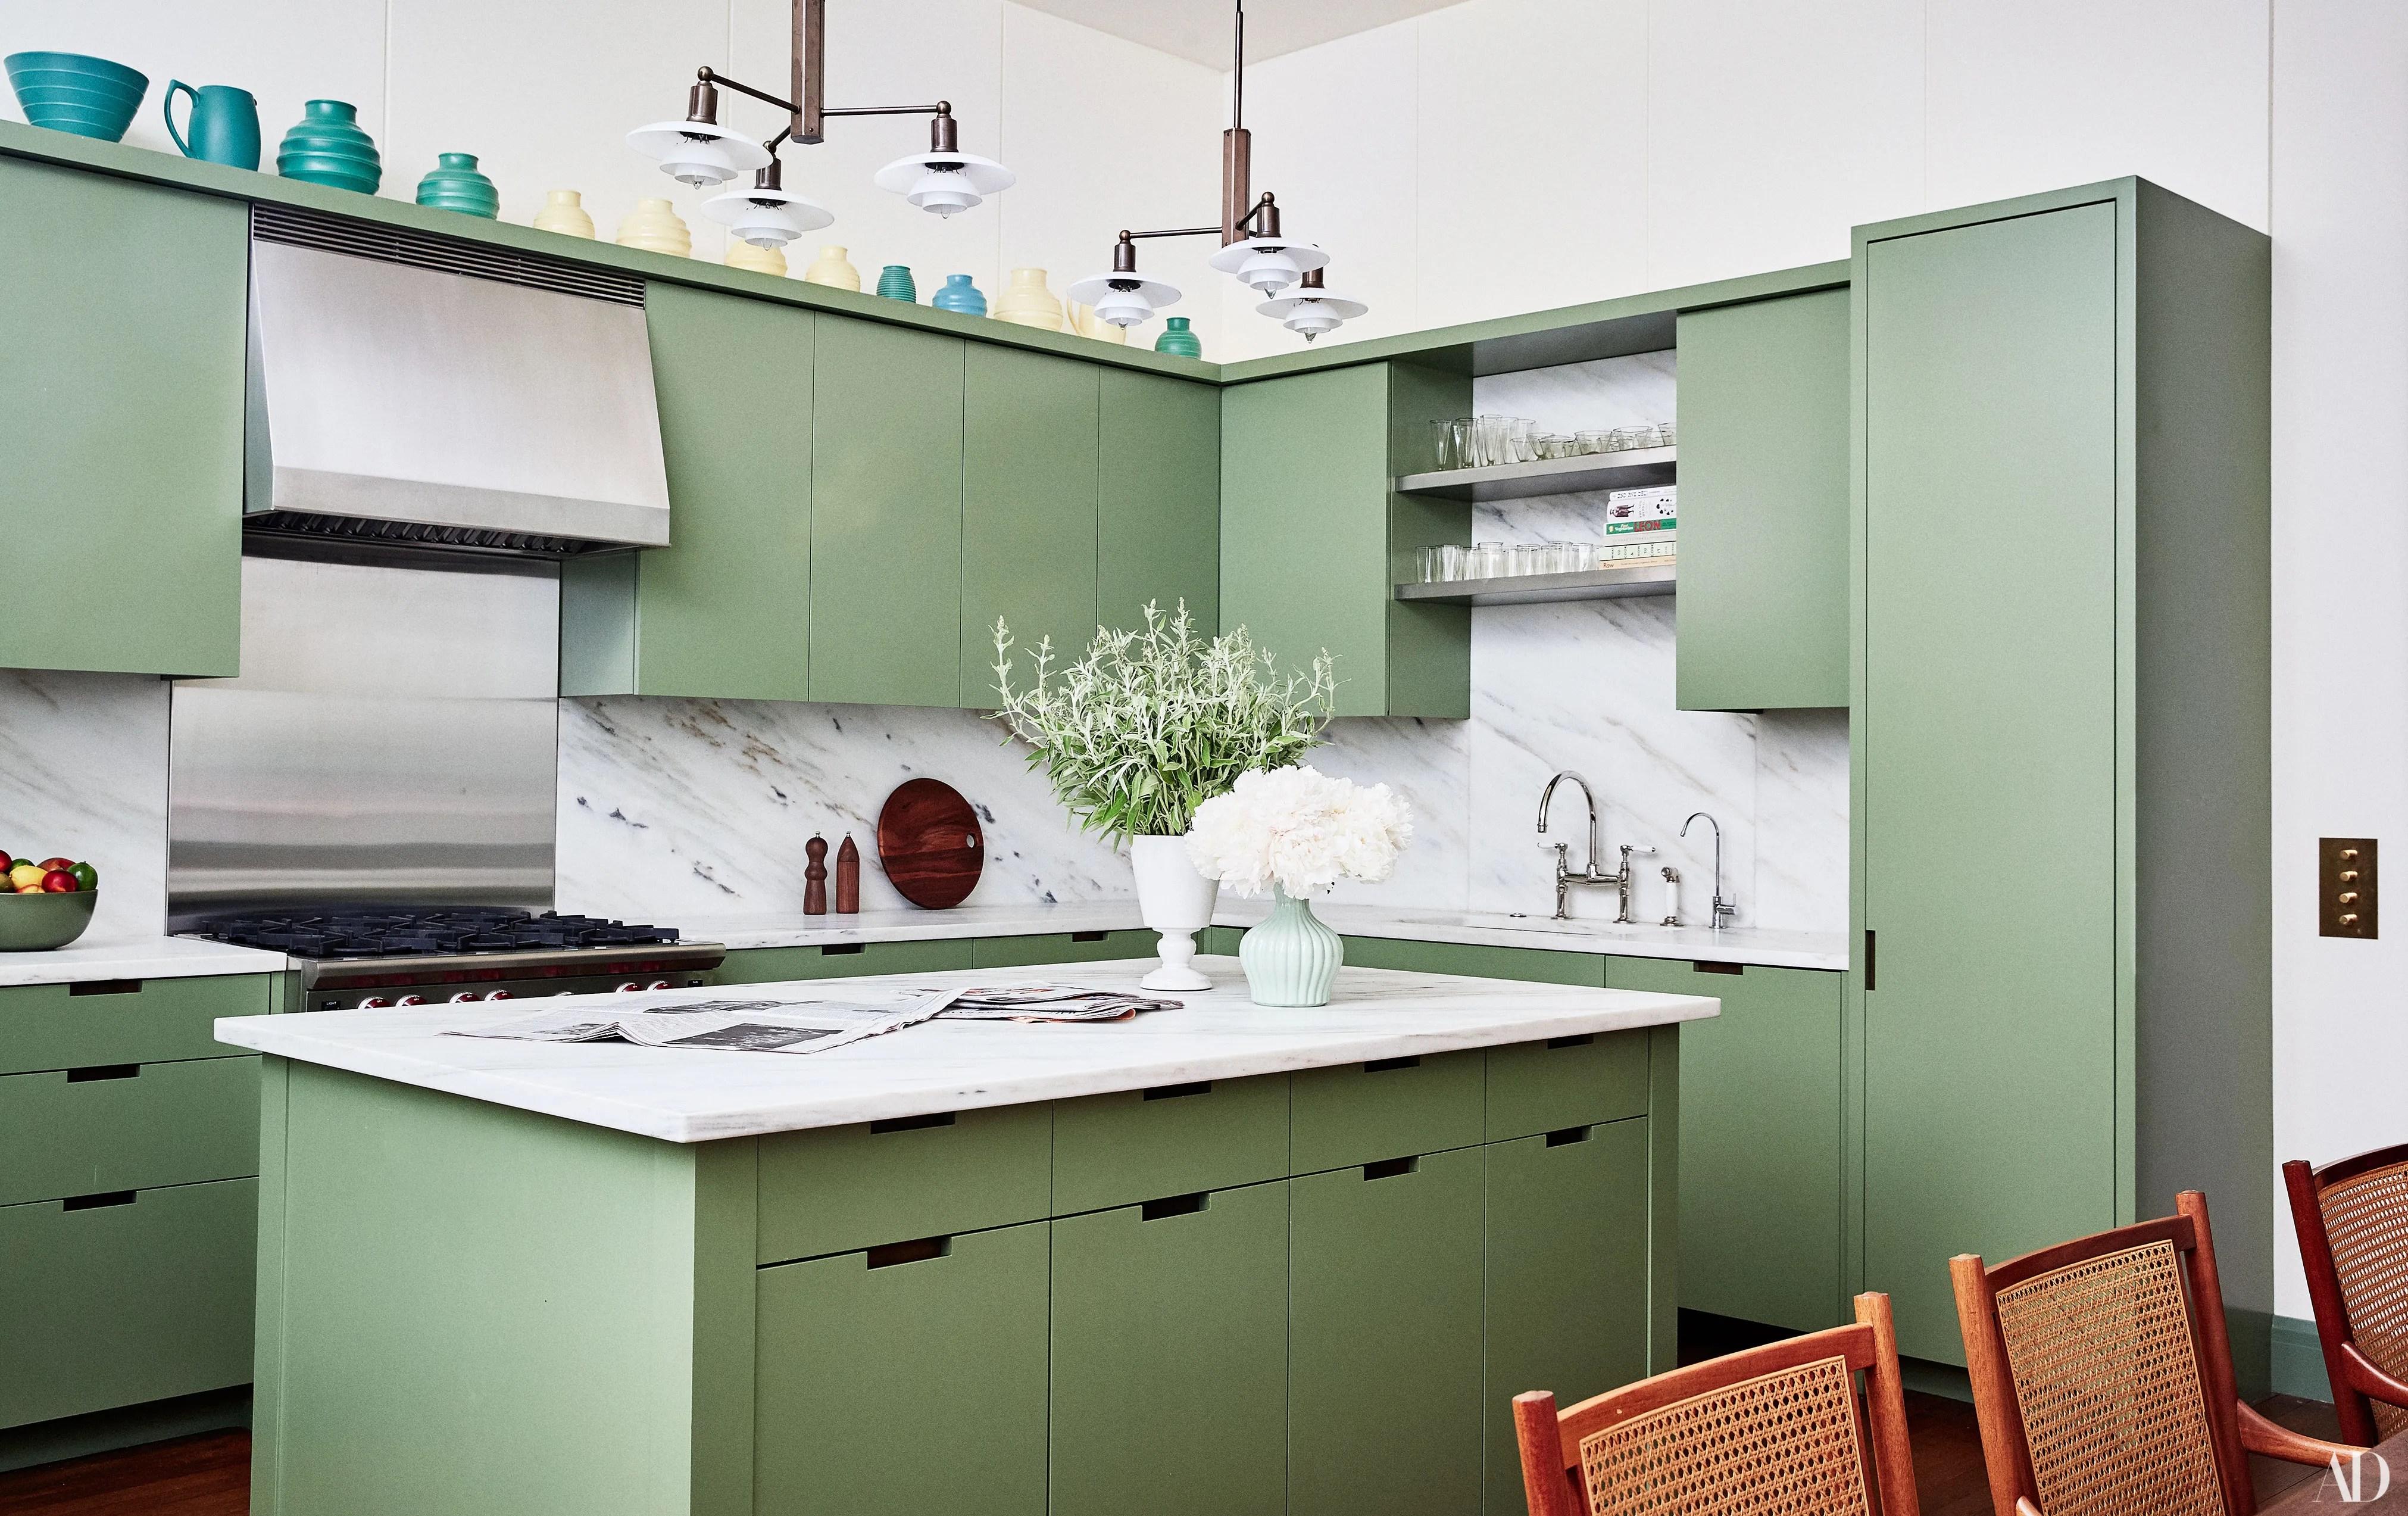 28 Stunning Kitchen Island Ideas Photos Architectural Digest